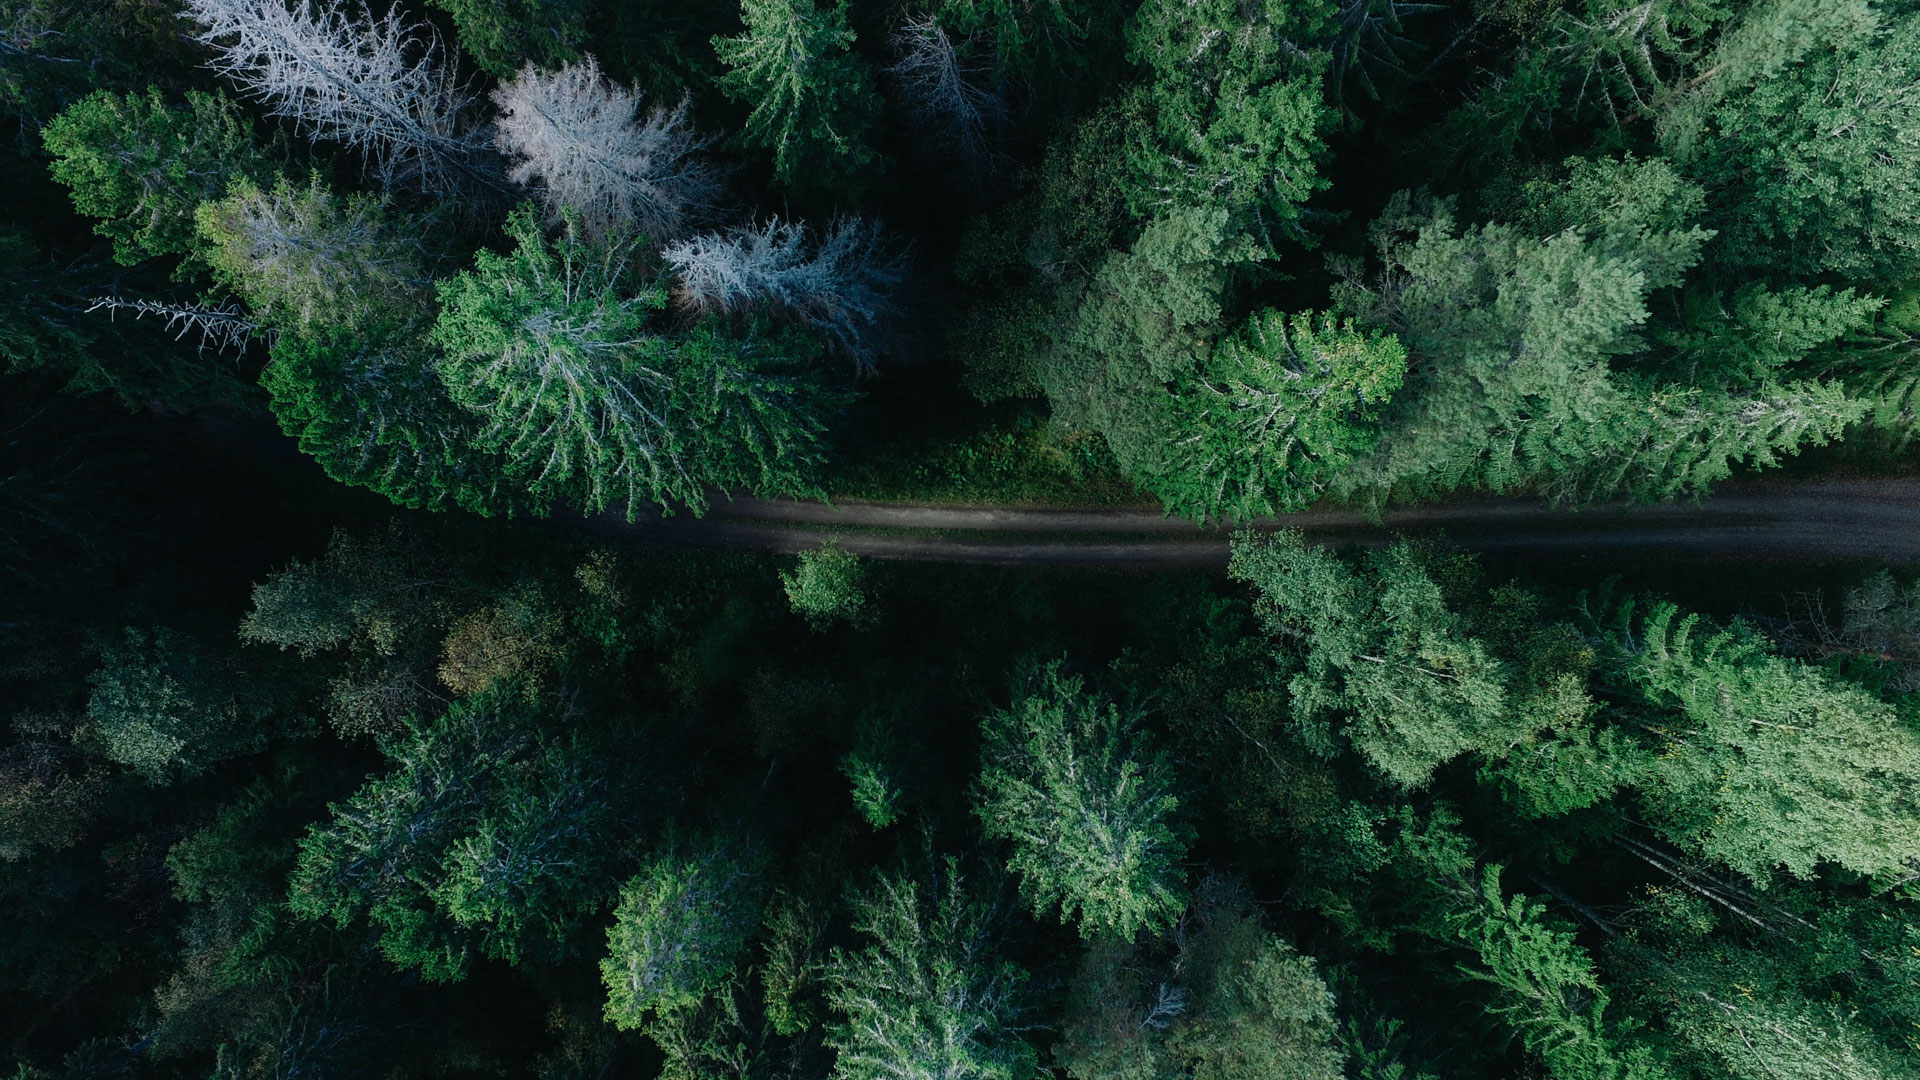 Drönarbild på en skogsväg med granar runt om.